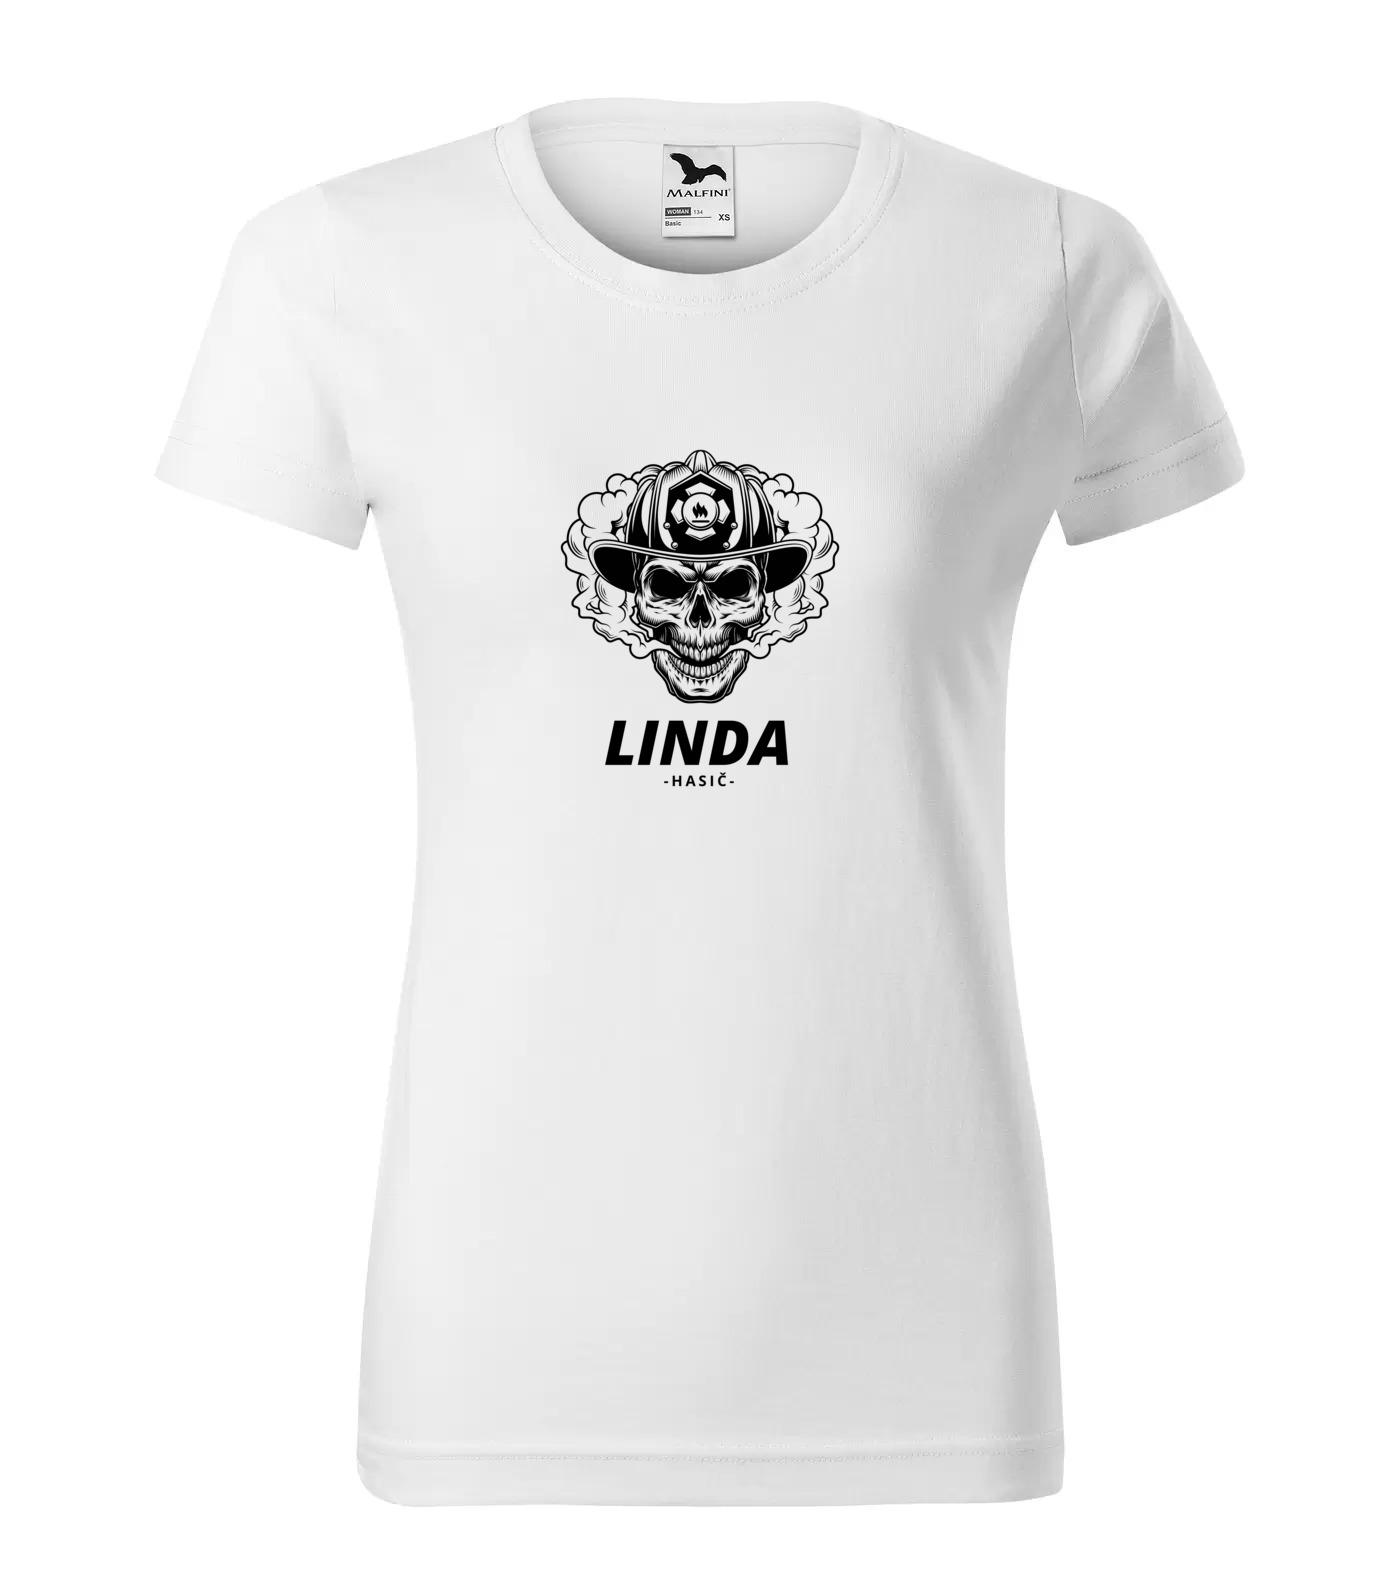 Tričko Hasič Linda